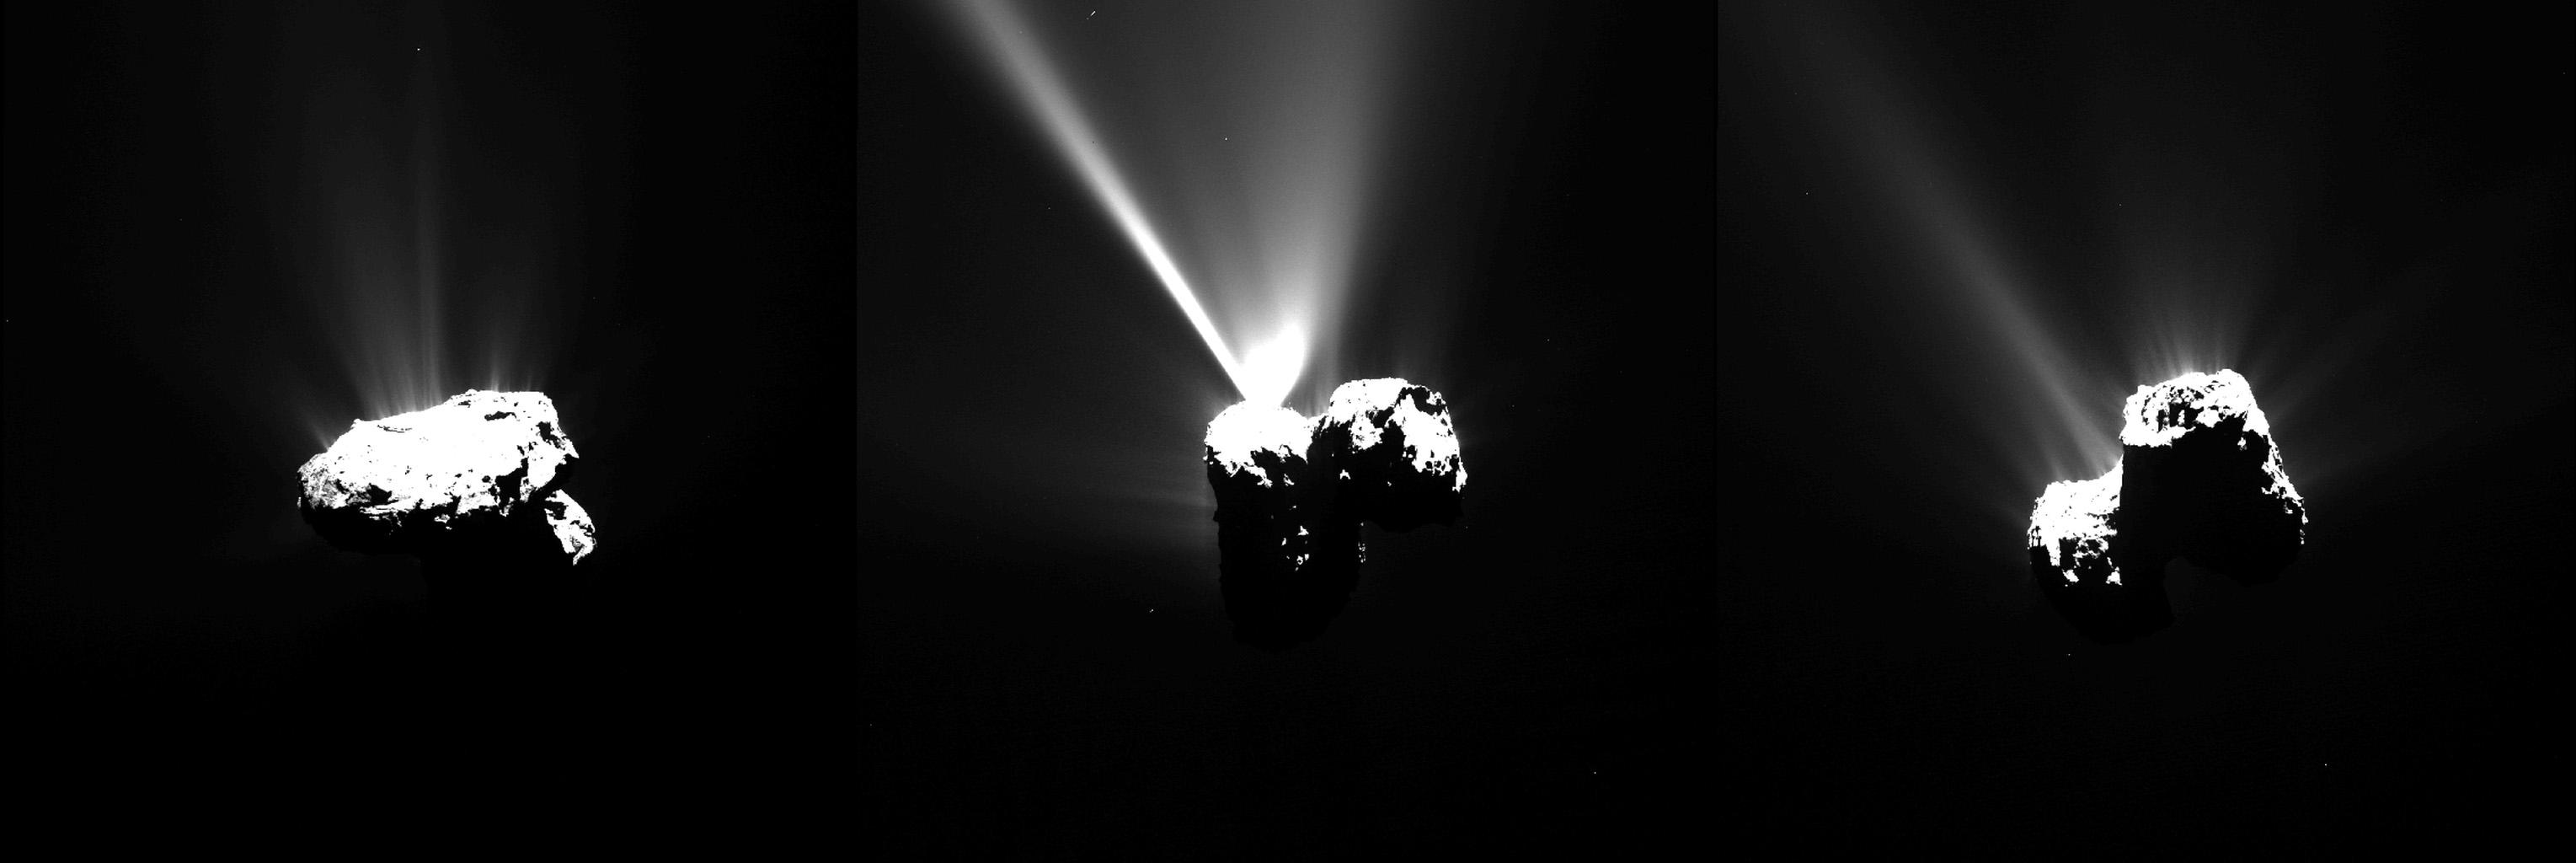 1567216074020-ESA_Rosetta_OSIRIS_NAC_20150812_composite.jpg